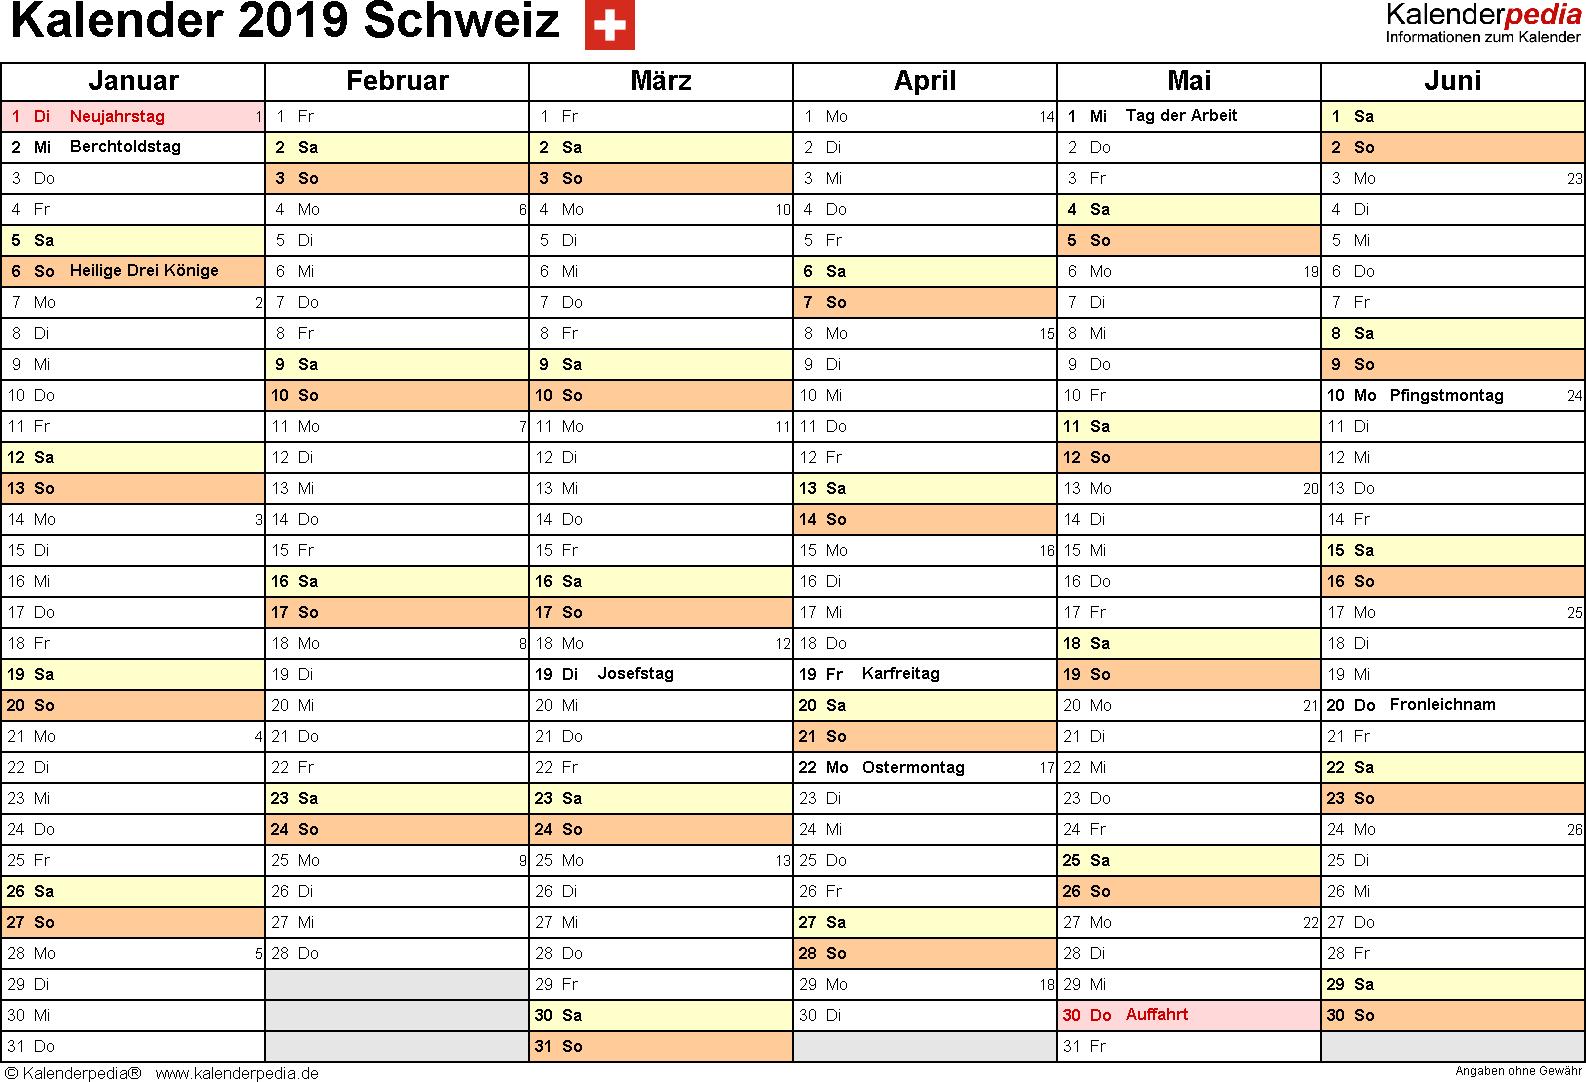 Vorlage 3: Kalender 2019 für die <span style=white-space:nowrap;>Schweiz als Microsoft Excel-Datei (.xlsx), Querformat, 2 Seiten, 1. Halbjahr (Januar bis Juni 2019) & 2. Halbjahr (Juli bis Dezember 2019) auf einen Blick